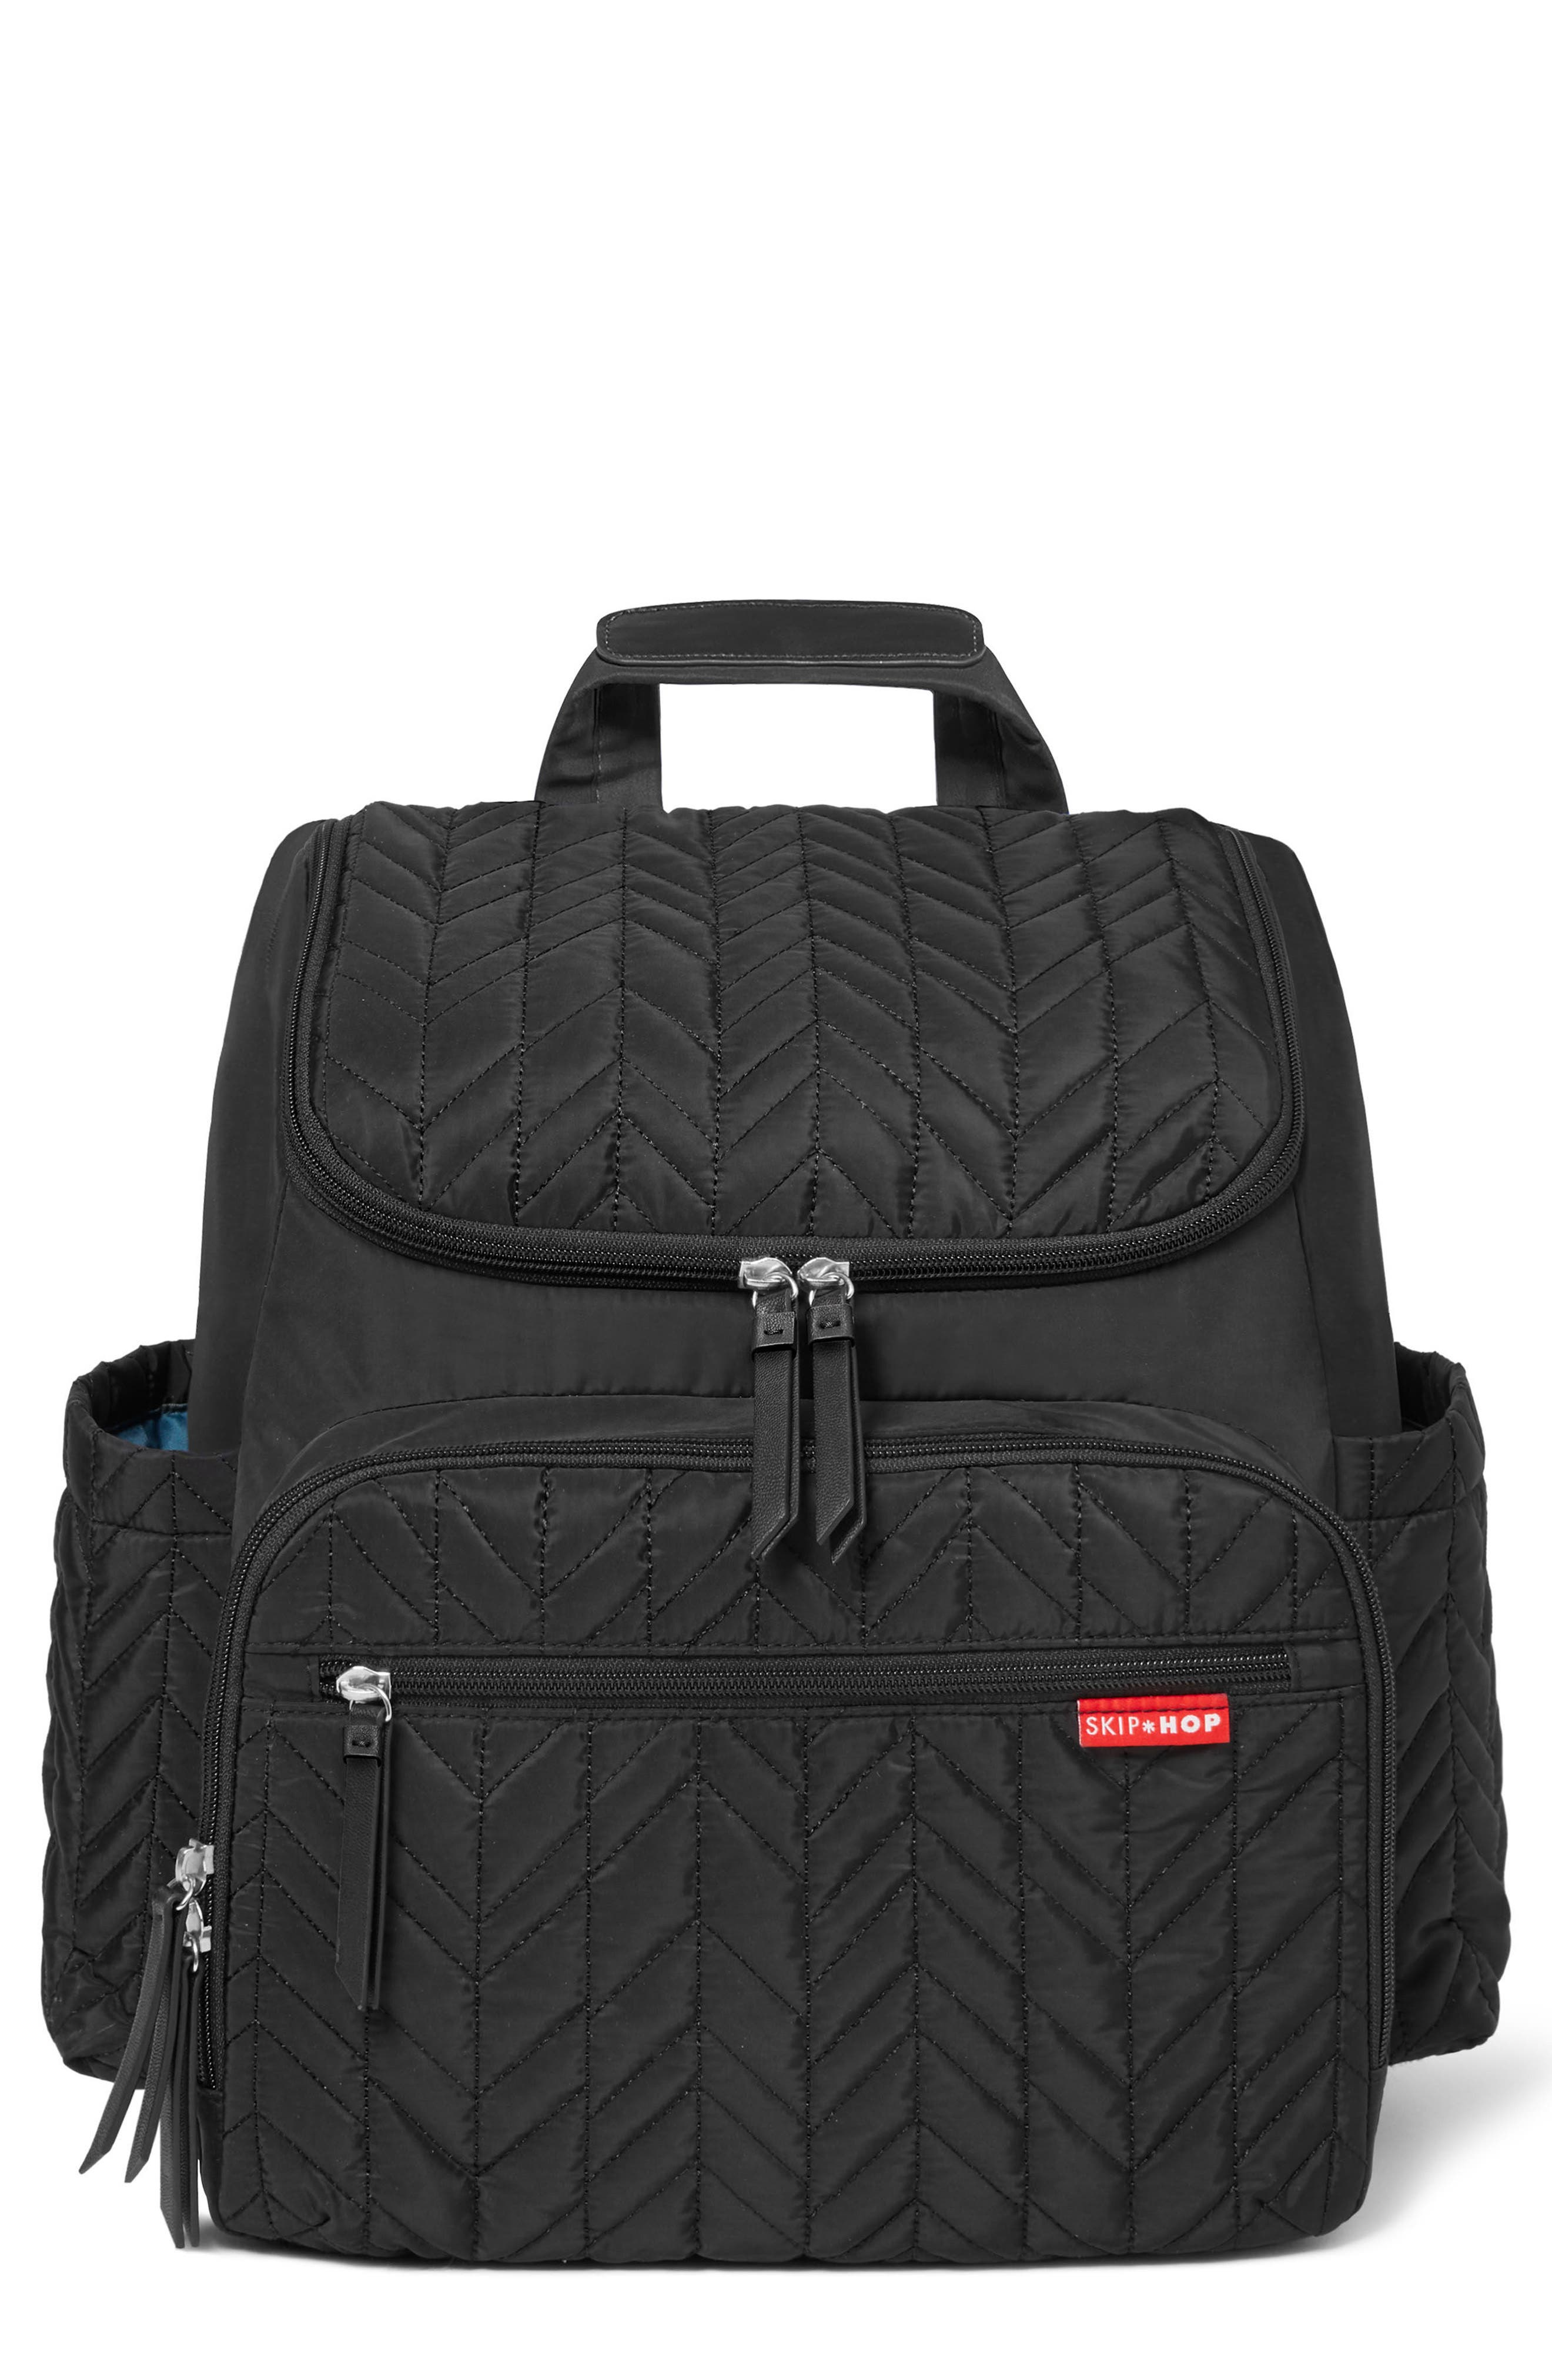 Skip Hop Forma Diaper Backpack